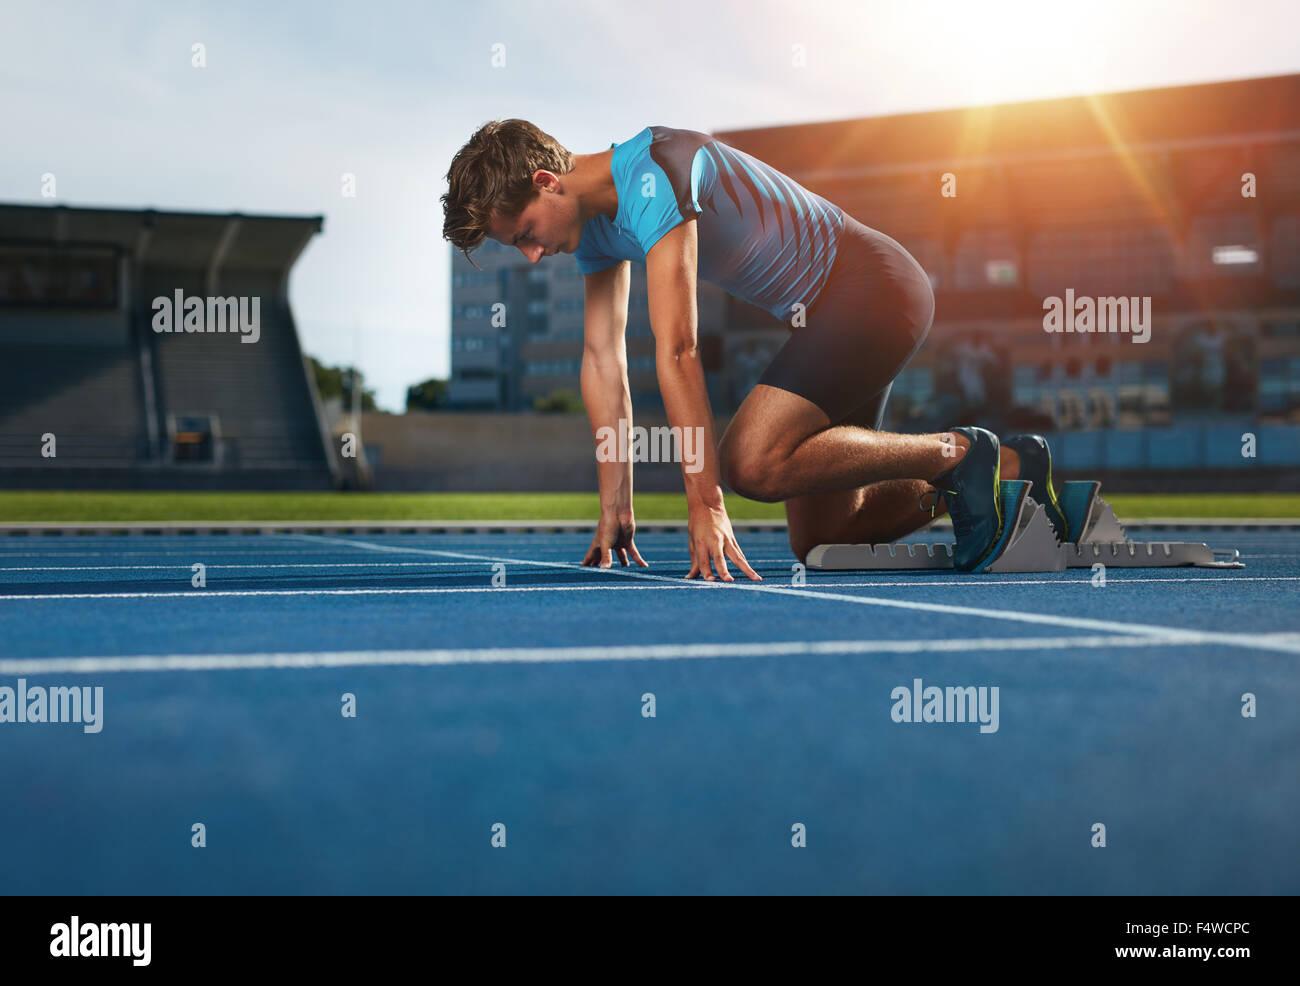 Giovane atleta alla posizione di partenza pronta per iniziare una corsa. Runner maschio pronto per l'esercizio Immagini Stock